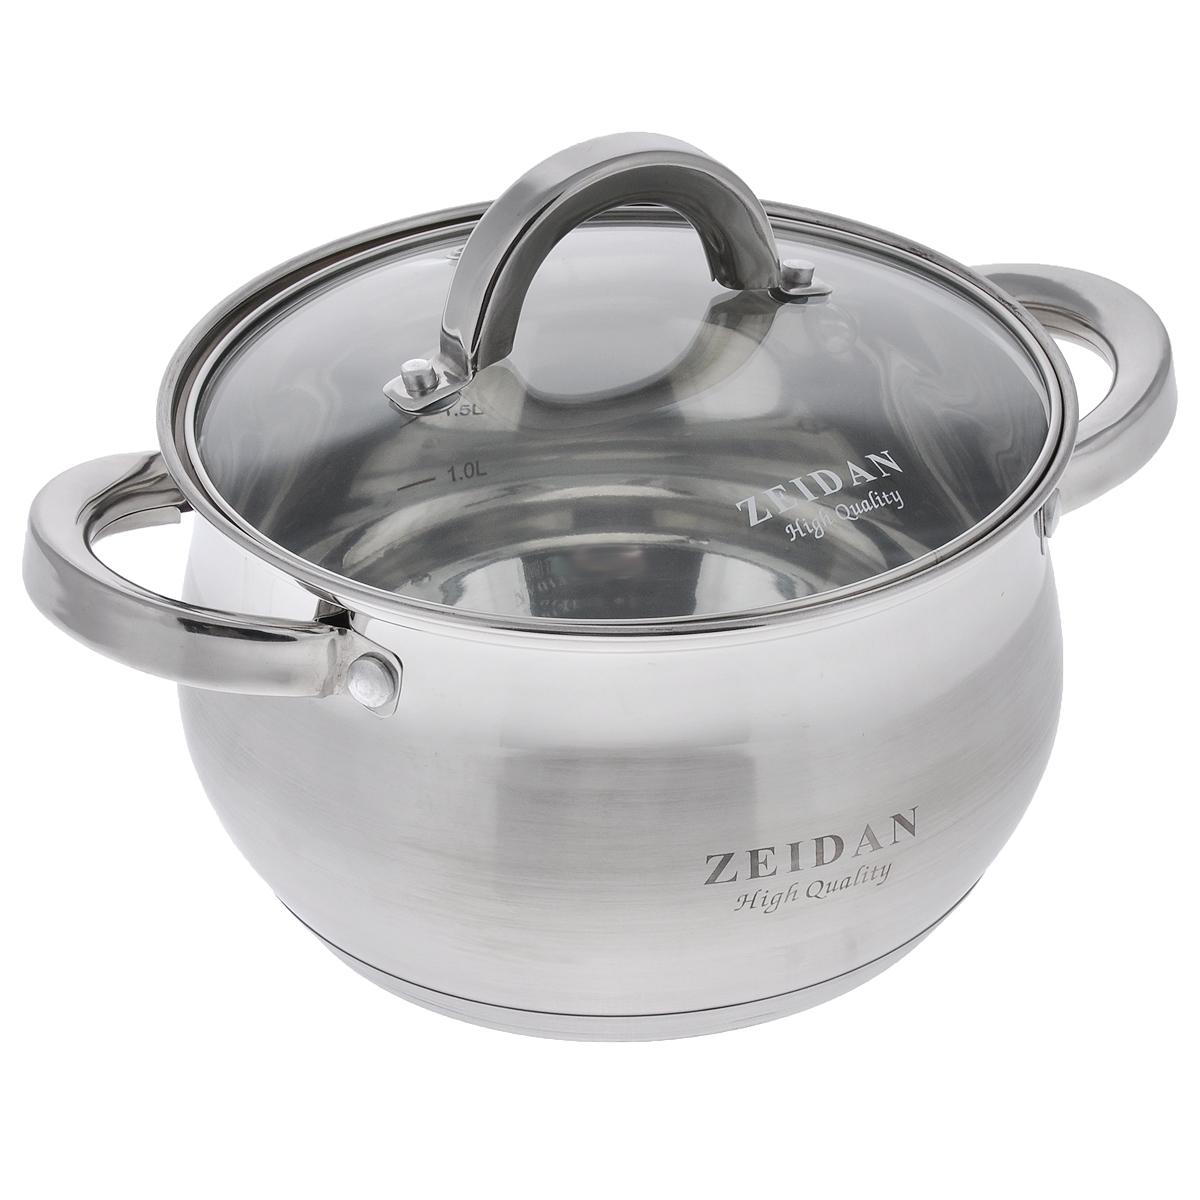 Кастрюля Zeidan с крышкой, 3 лZ-50238Кастрюля Zeidan изготовлена из высококачественной нержавеющей стали, имеет капсулированное дно, которое обеспечивает наилучшее распределение тепла. Кастрюля оформлена сочетанием зеркальной и матовой полировок. Прозрачная крышка, выполненная из термостойкого стекла, позволяет следить за процессом приготовления пищи. На внутренней стенке кастрюли расположена шкала литража. Кастрюля подходит для газовых, электрических, галогеновых, стеклокерамических и индукционных плит. Пригодна для мытья в посудомоечной машине.Диаметр (по верхнему краю): 19,5 см.Ширина (с учетом ручек): 26 см.Высота стенок: 11,5 см.Толщина стенок: 3 мм.Толщина дна: 4 мм.